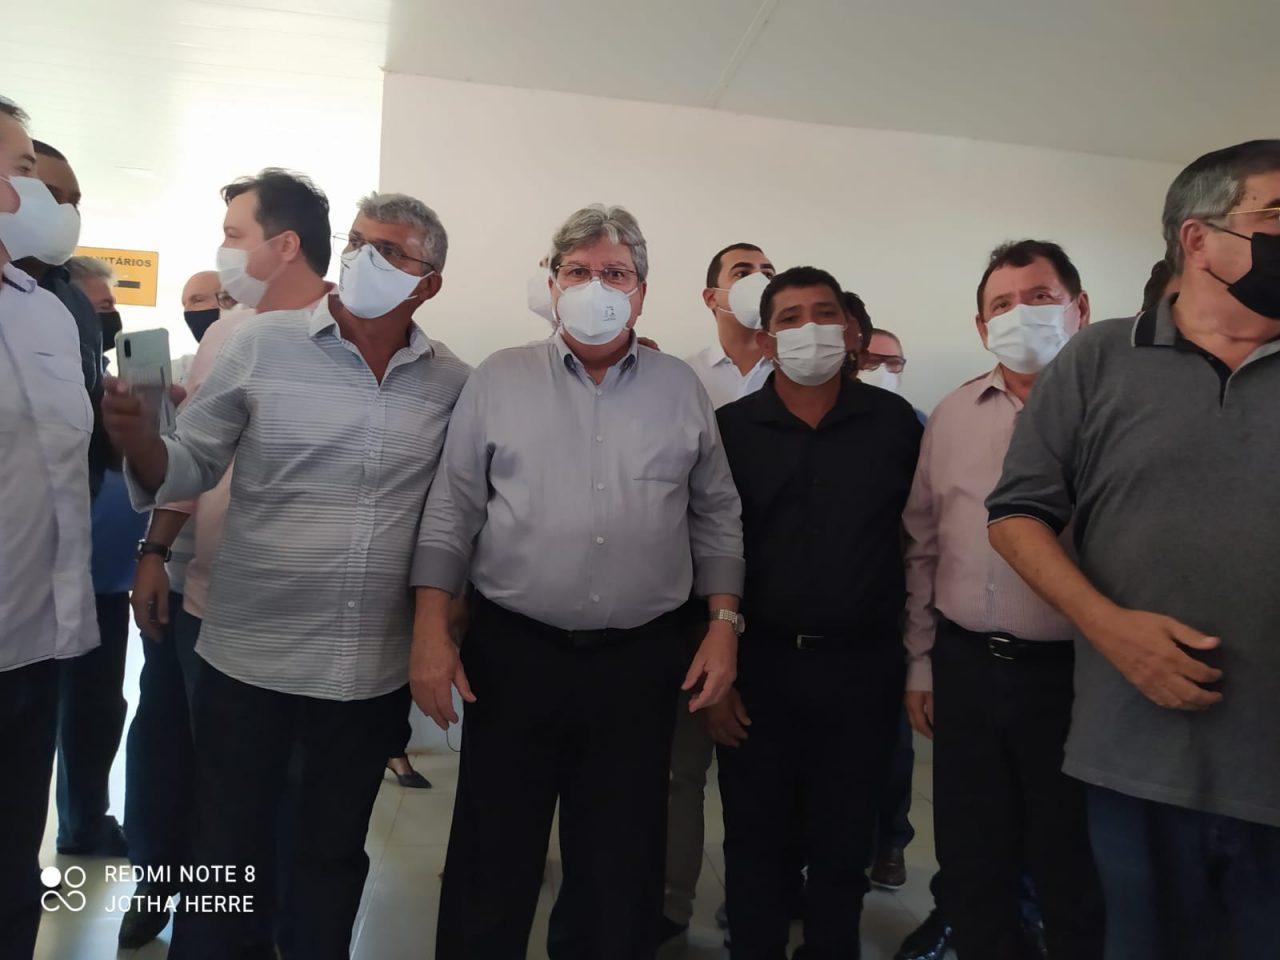 WhatsApp Image 2021 07 28 at 12.57.47 scaled - Prefeito interino de Cajazeiras Marcos do Riacho acompanha comitiva do governador no município